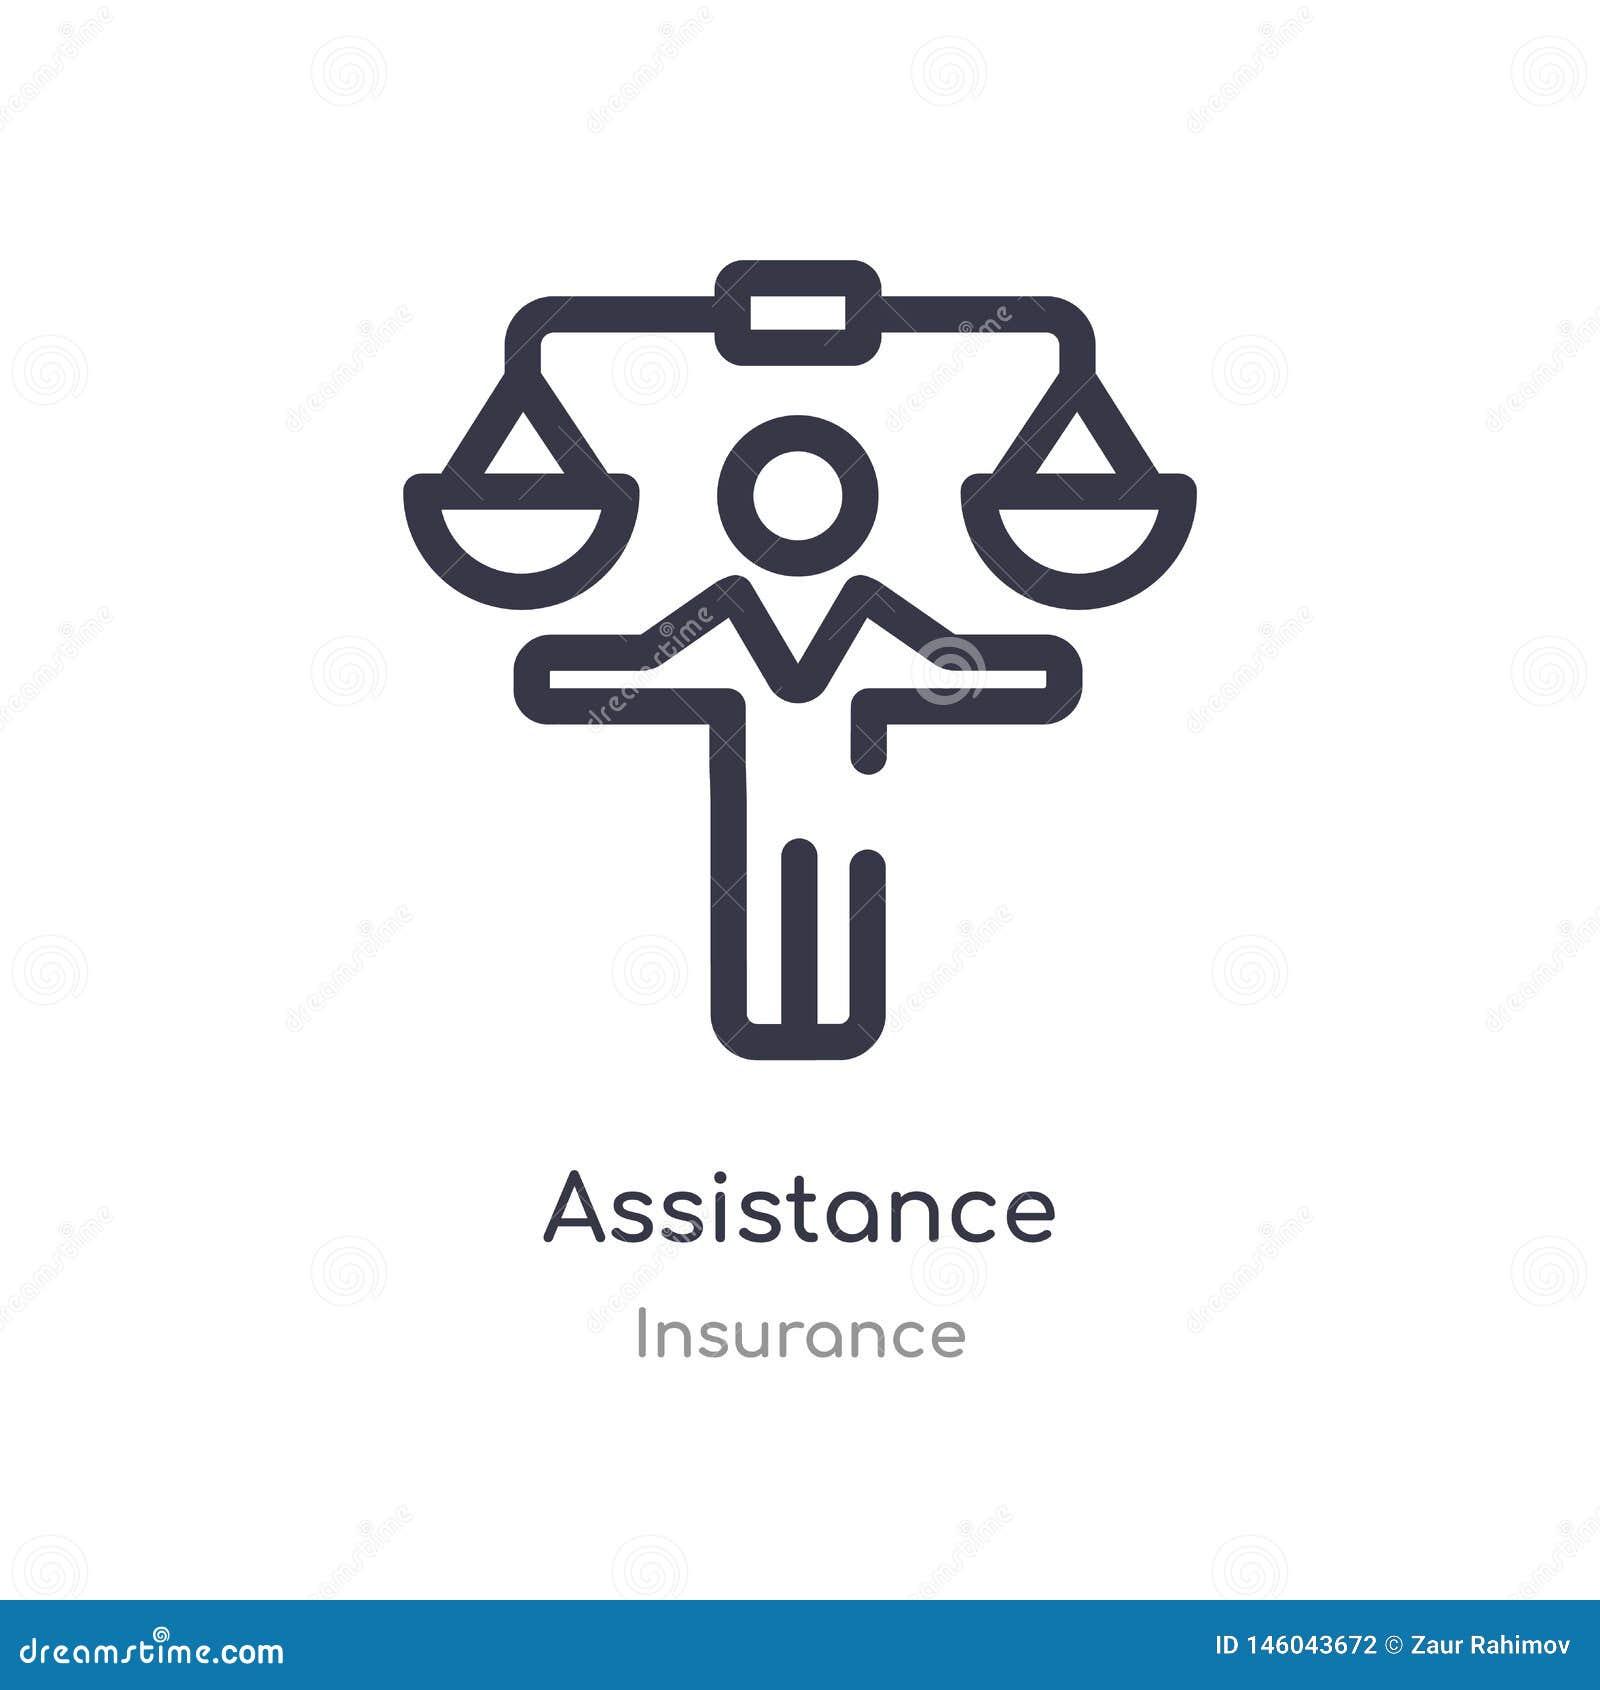 Pomoc konturu ikona odosobniona kreskowa wektorowa ilustracja od asekuracyjnej kolekcji editable cienieje uderzenie pomocy ikonę